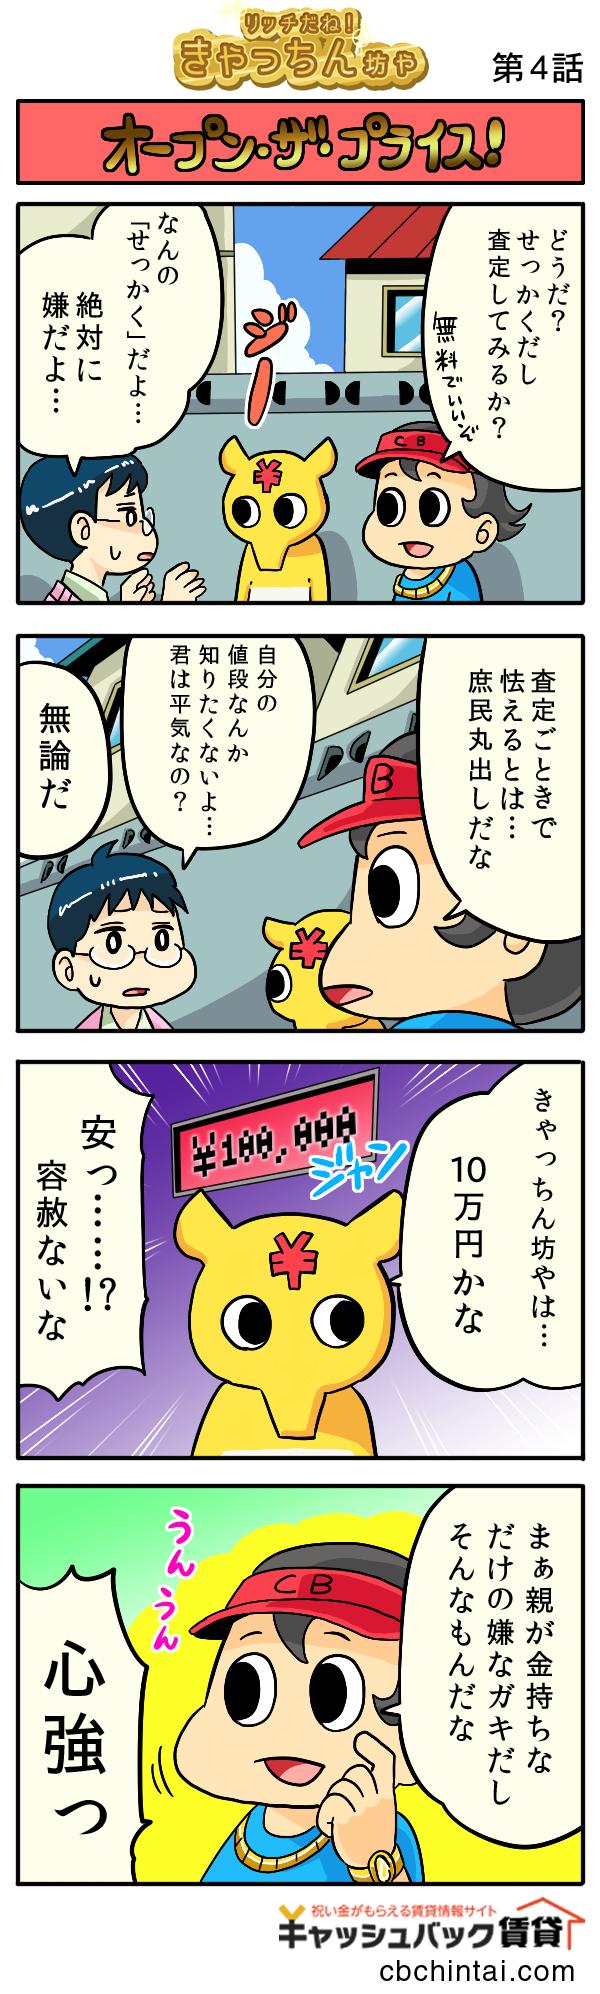 第4話 オープン・ザ・プライス!